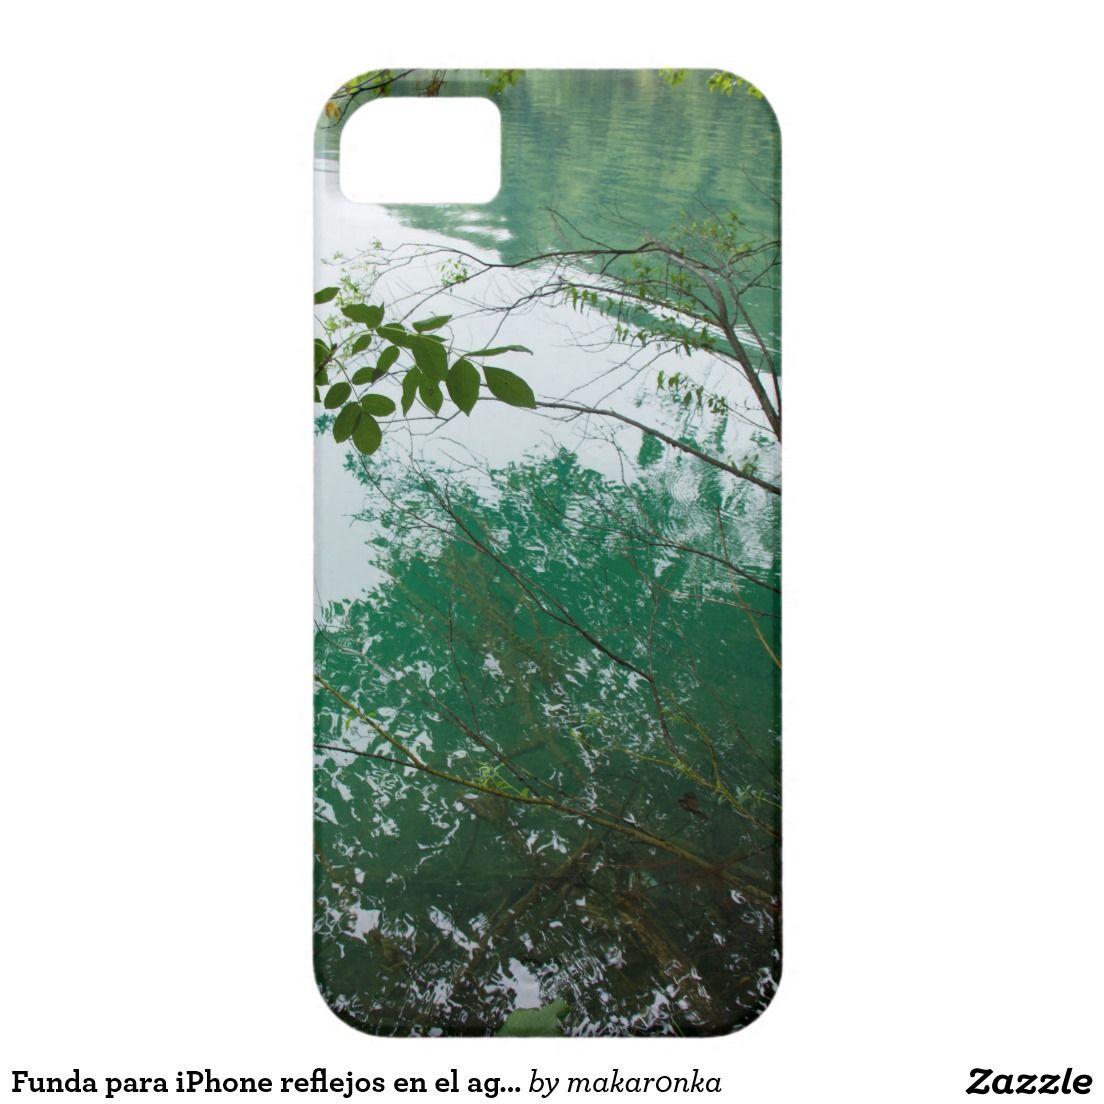 Funda para iPhone reflejos en el agua